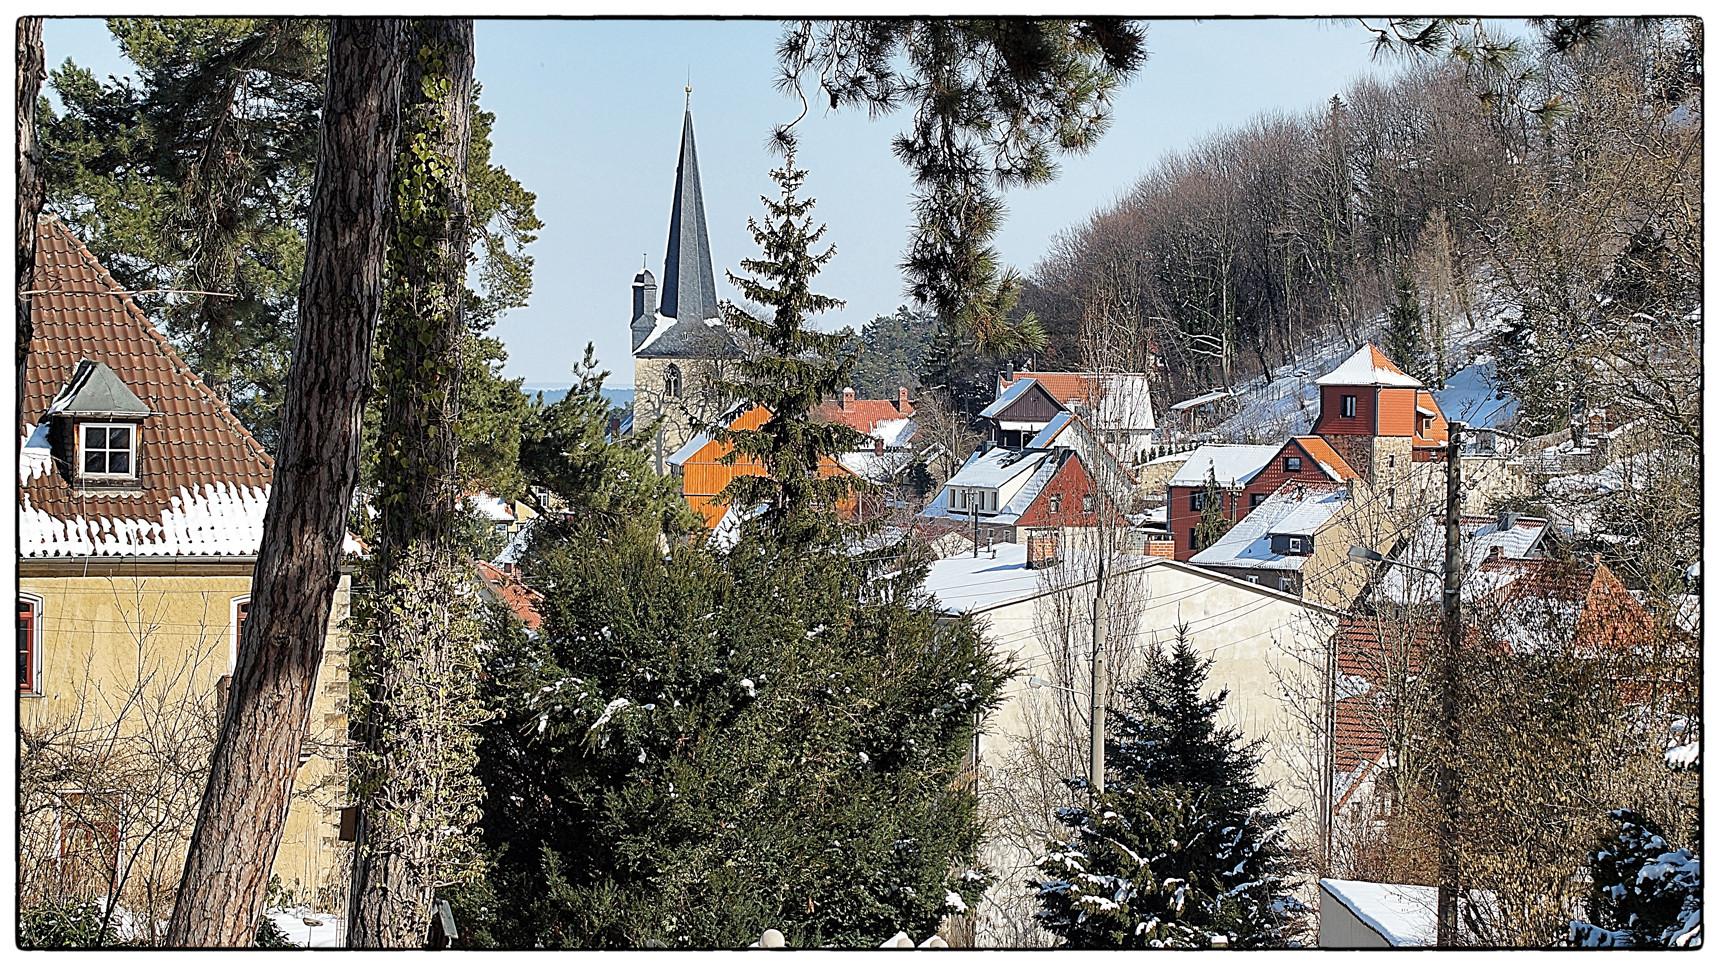 Harzer Winterdächer